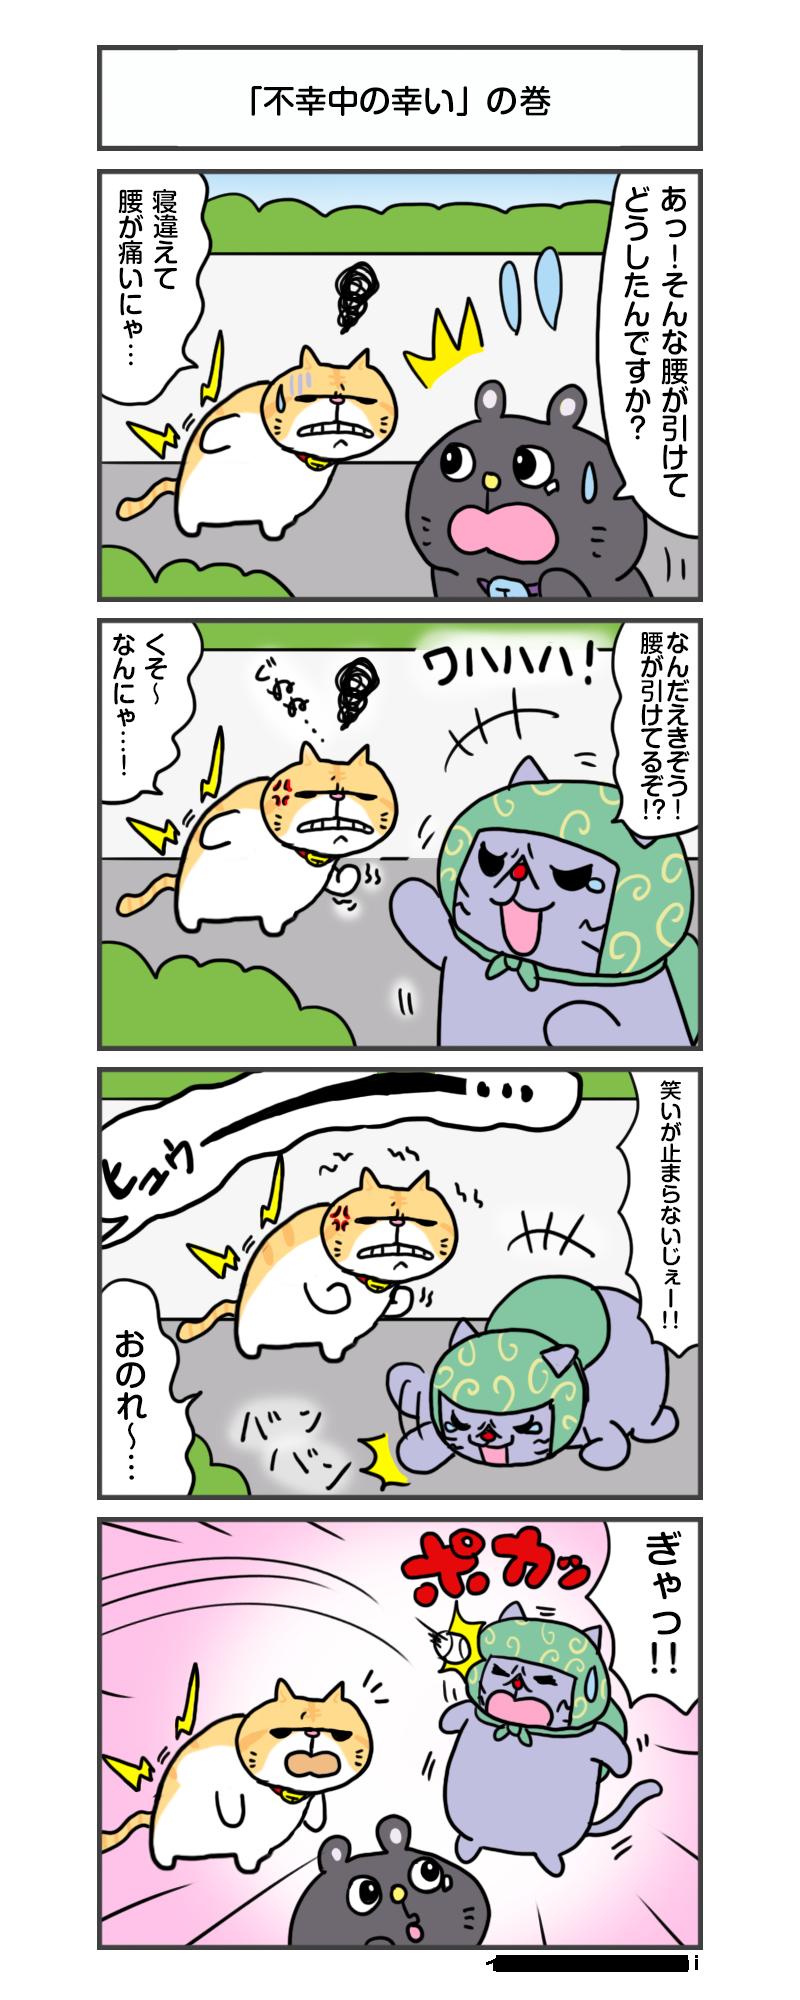 縺医″縺昴y縺・anga_vol.189